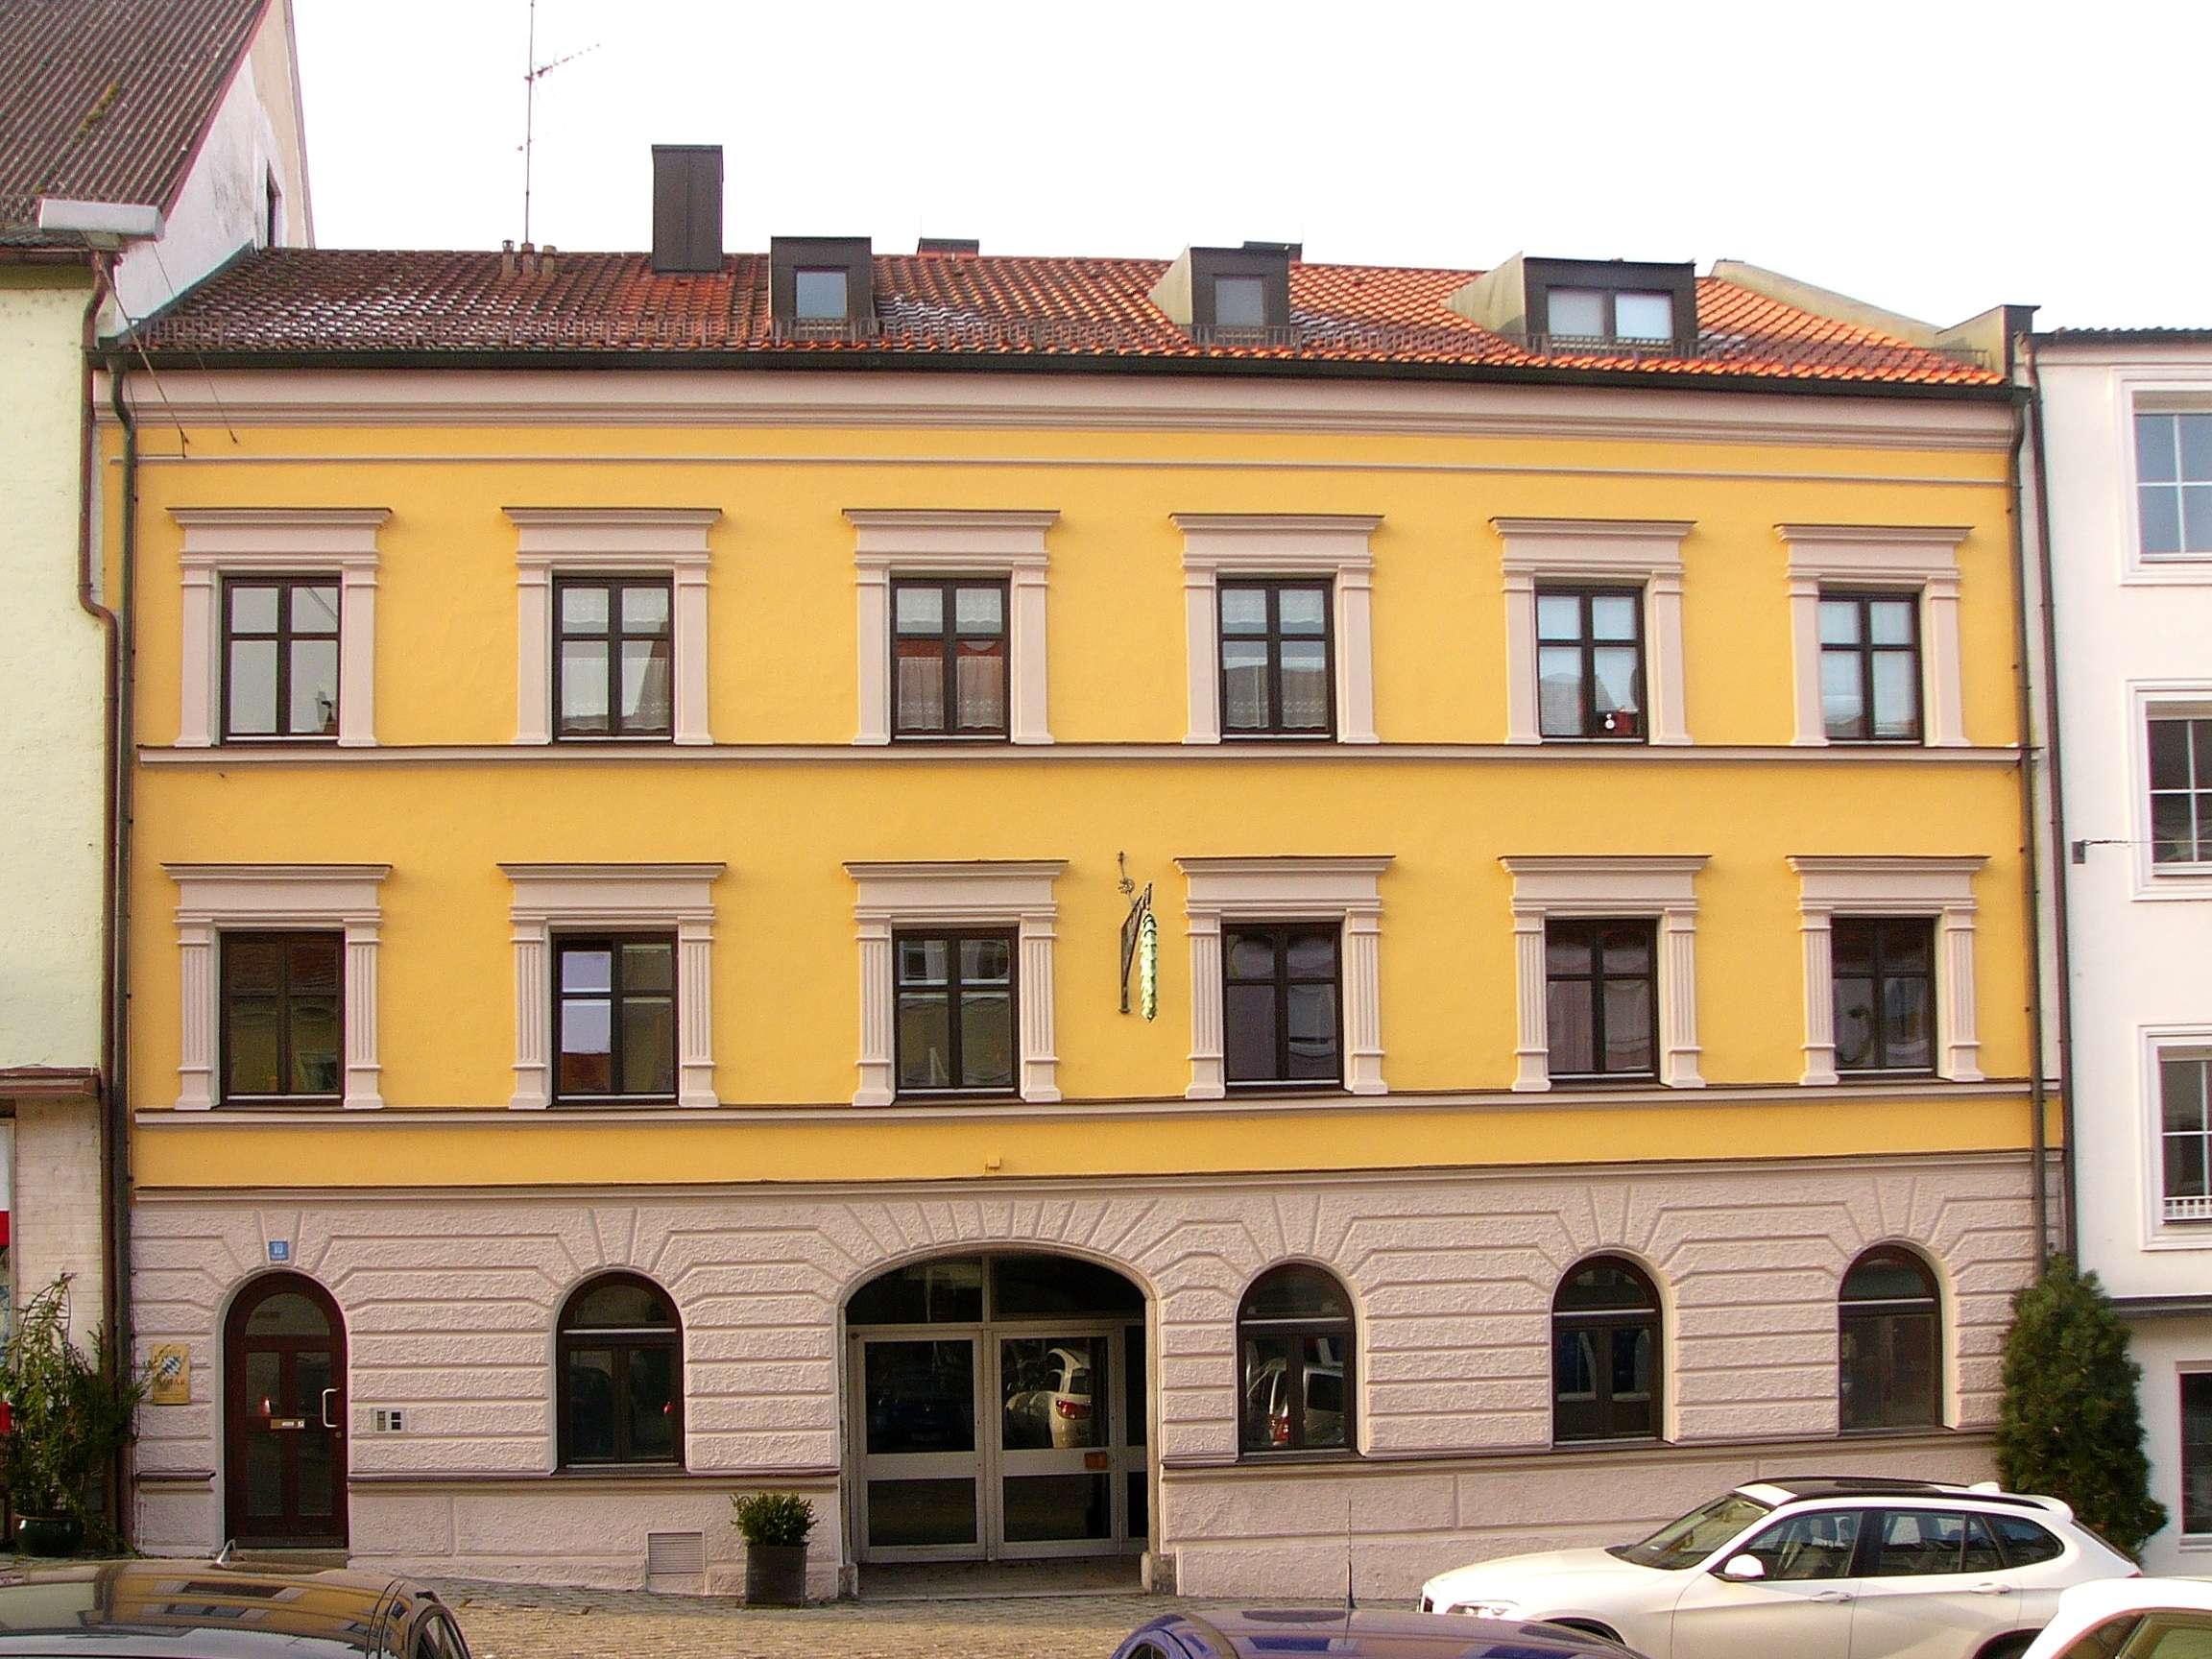 Helle, freundliche 3-Zimmer Dachterassenwohnung im Herzen Landaus in Landau an der Isar